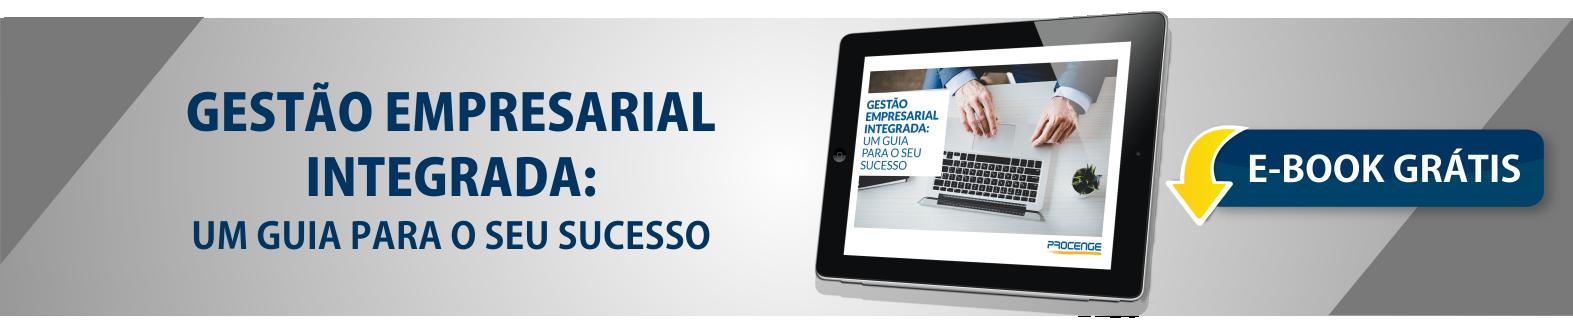 CTAhoriz-gestao-empresarial-integrada